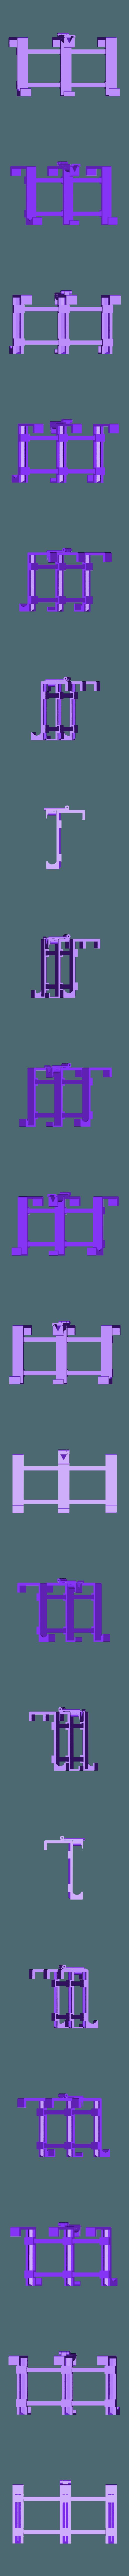 MountCompletenon-printable.stl Télécharger fichier STL gratuit Support de téléphone pour lit IKEA STUVA / FRITIDS • Plan pour impression 3D, Milan_Gajic